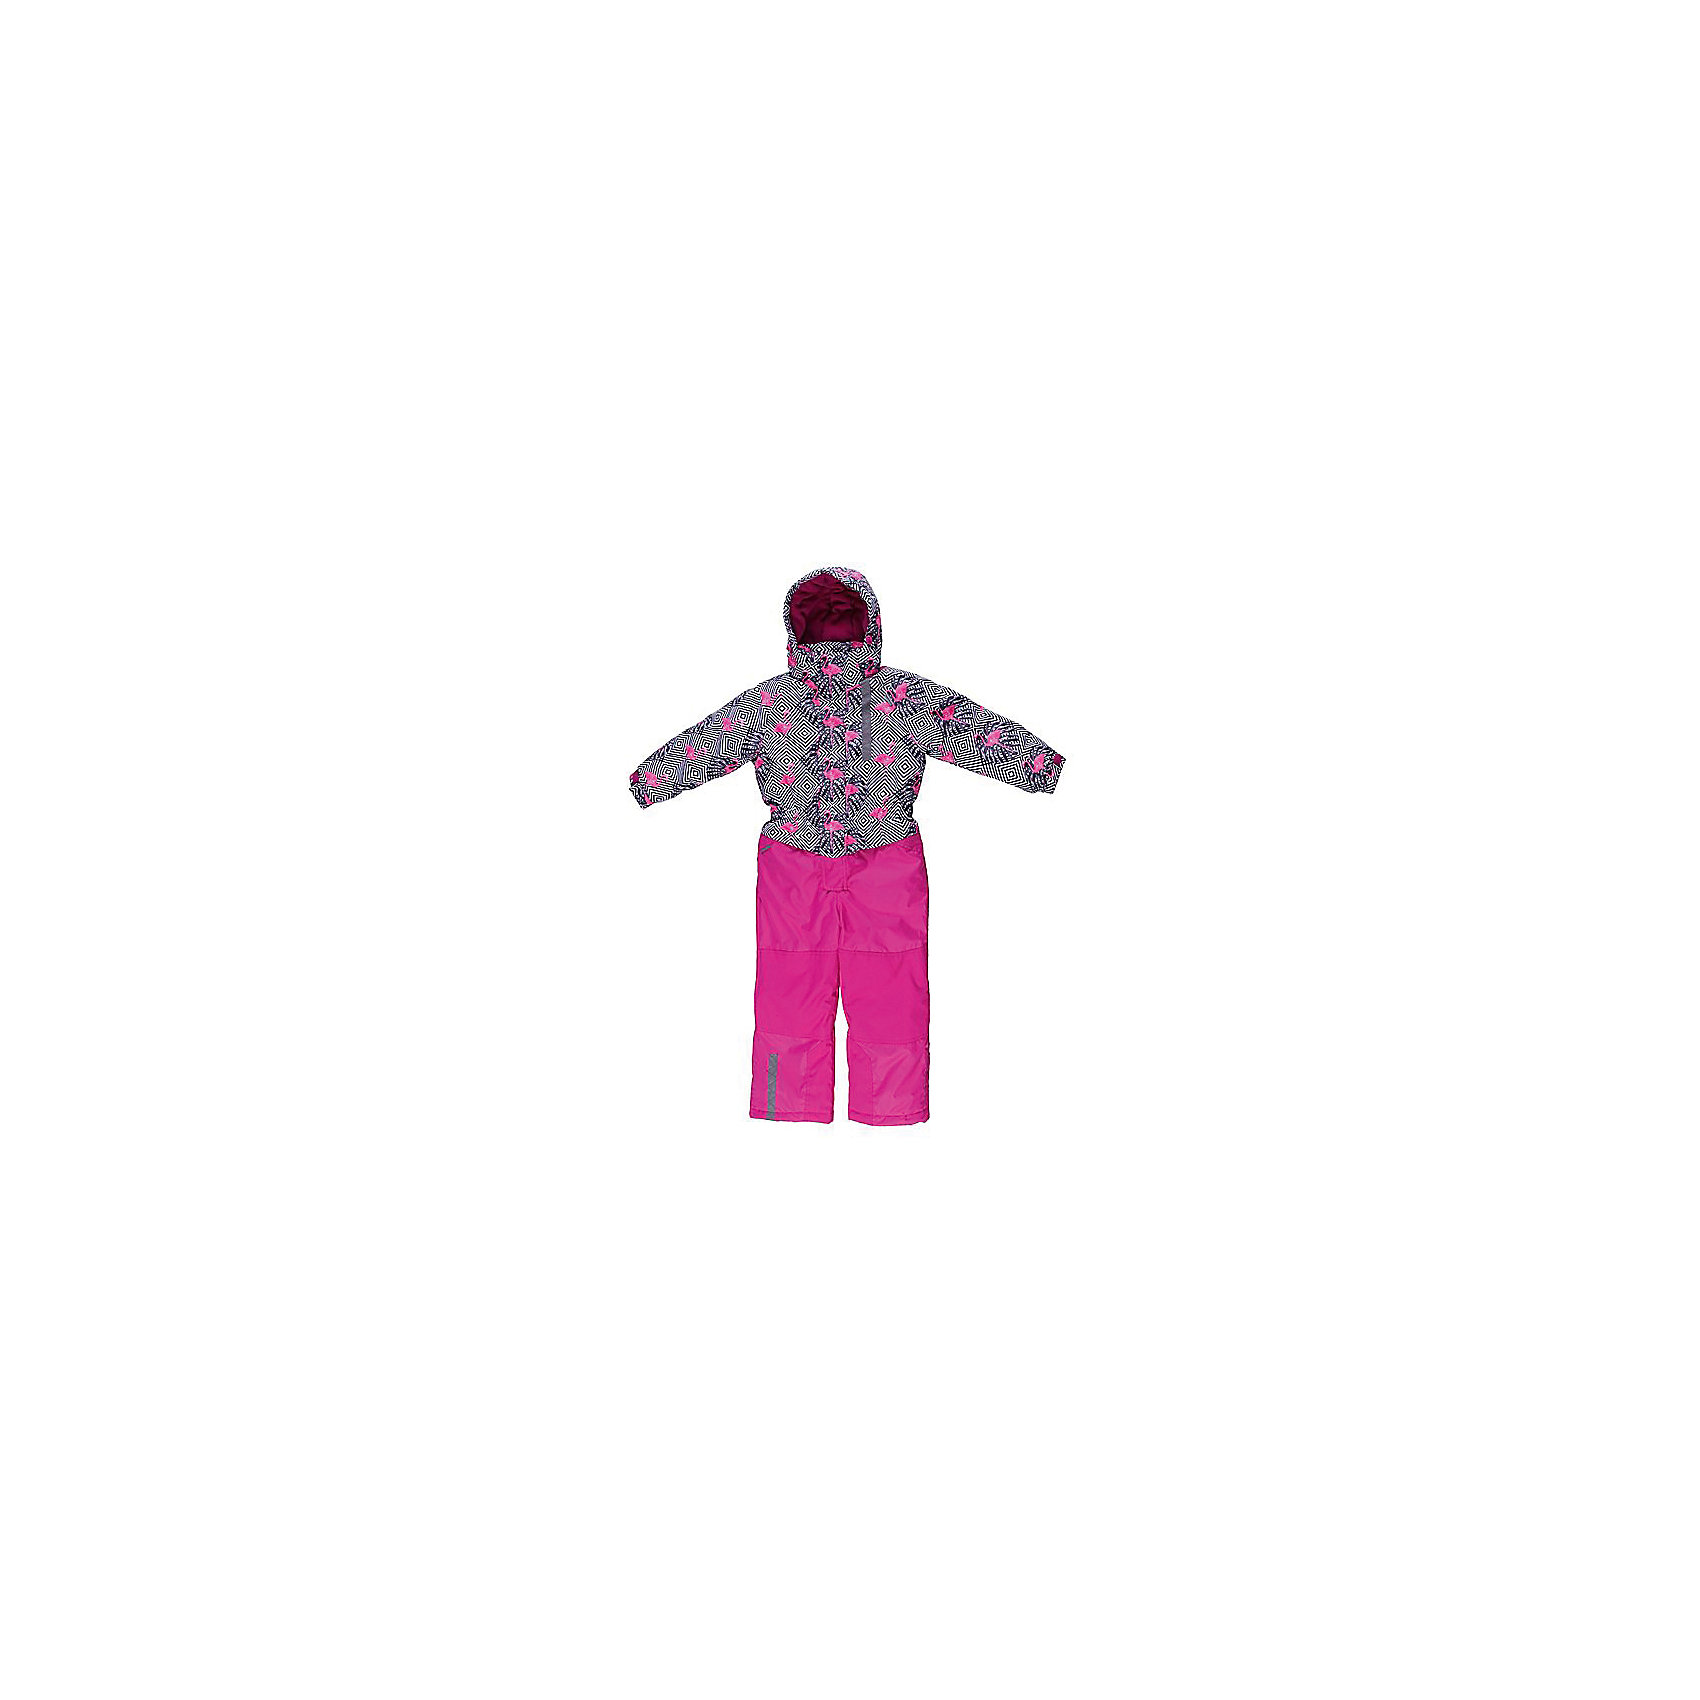 Комбинезон для девочки Sweet BerryВерхняя одежда<br>Комбинезон для девочки от известного бренда Sweet Berry<br>Яркий комбинезон для девочек из  мембранной, водонепроницаемой (Waterproof - 10000мм), дышащей ( water vapor transmission rate, WVTR -10000гг)  ткани, с грязеотталкивающей пропиткой.  Съемный капюшон на кнопках регулируется резинкой со стоппером. Внутренняя часть низа брюк выполнена из усиленной ткани. Рукава с дополнительной манжетой с вырезом для пальца. Отделка светоотражающим кантом.  Две ветрозащитные планки. Внутри подкладка  флис. Внизу штанин имеются внутренние манжеты из подкладки на прорезиненной эластичной резинки.  Утеплитель 200гр.-тело, 180гр.-рукава, брюки.<br>Состав:<br>Верх: комбинезон: 100%полиэстер.  Подкладка: 100%полиэстер. Наполнитель: 100%полиэстер<br><br>Ширина мм: 356<br>Глубина мм: 10<br>Высота мм: 245<br>Вес г: 519<br>Цвет: розовый<br>Возраст от месяцев: 72<br>Возраст до месяцев: 84<br>Пол: Женский<br>Возраст: Детский<br>Размер: 122,116,128,134,92,98,104,110<br>SKU: 4960067